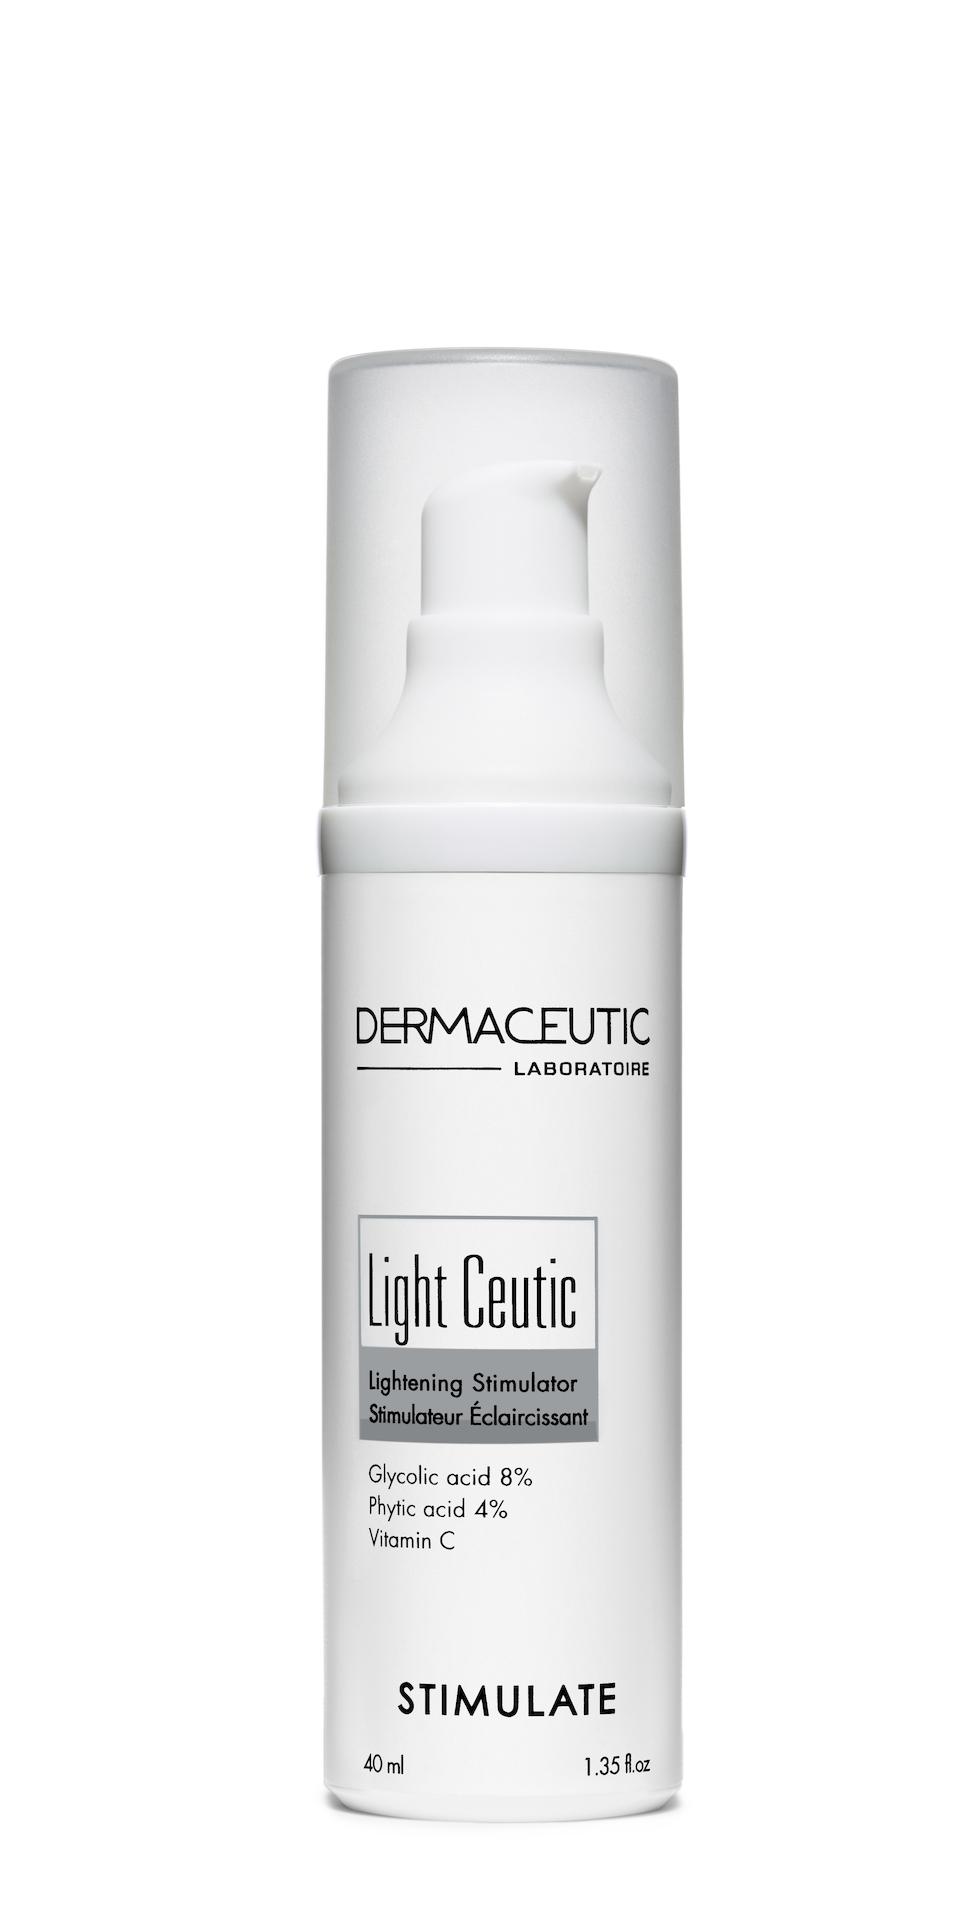 Light Ceutic 40ml